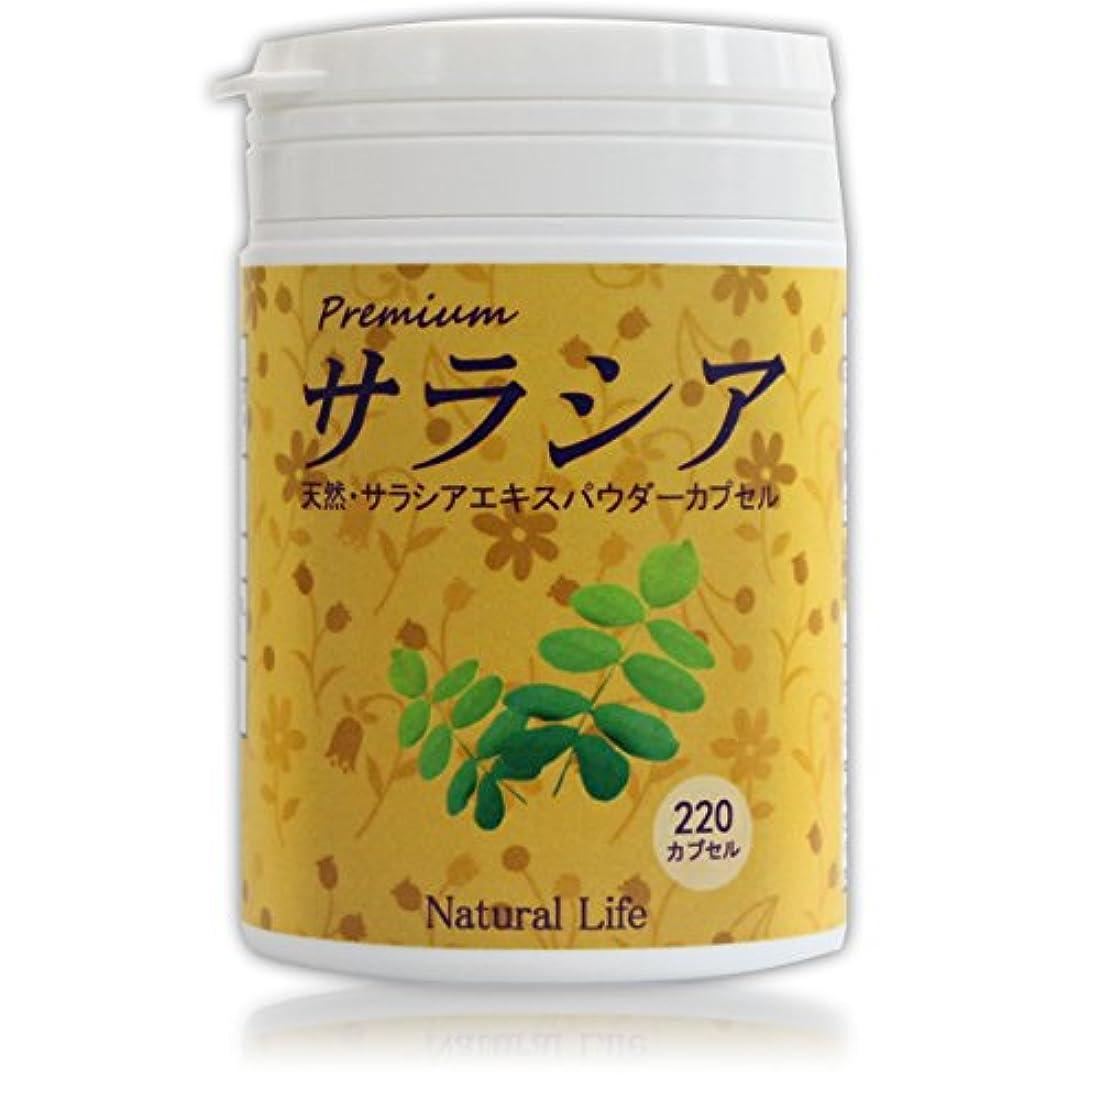 精通した観察する女王サラシアカプセル[220粒]天然ピュア原料(無添加) 健康食品(サラシア,さらしあ)